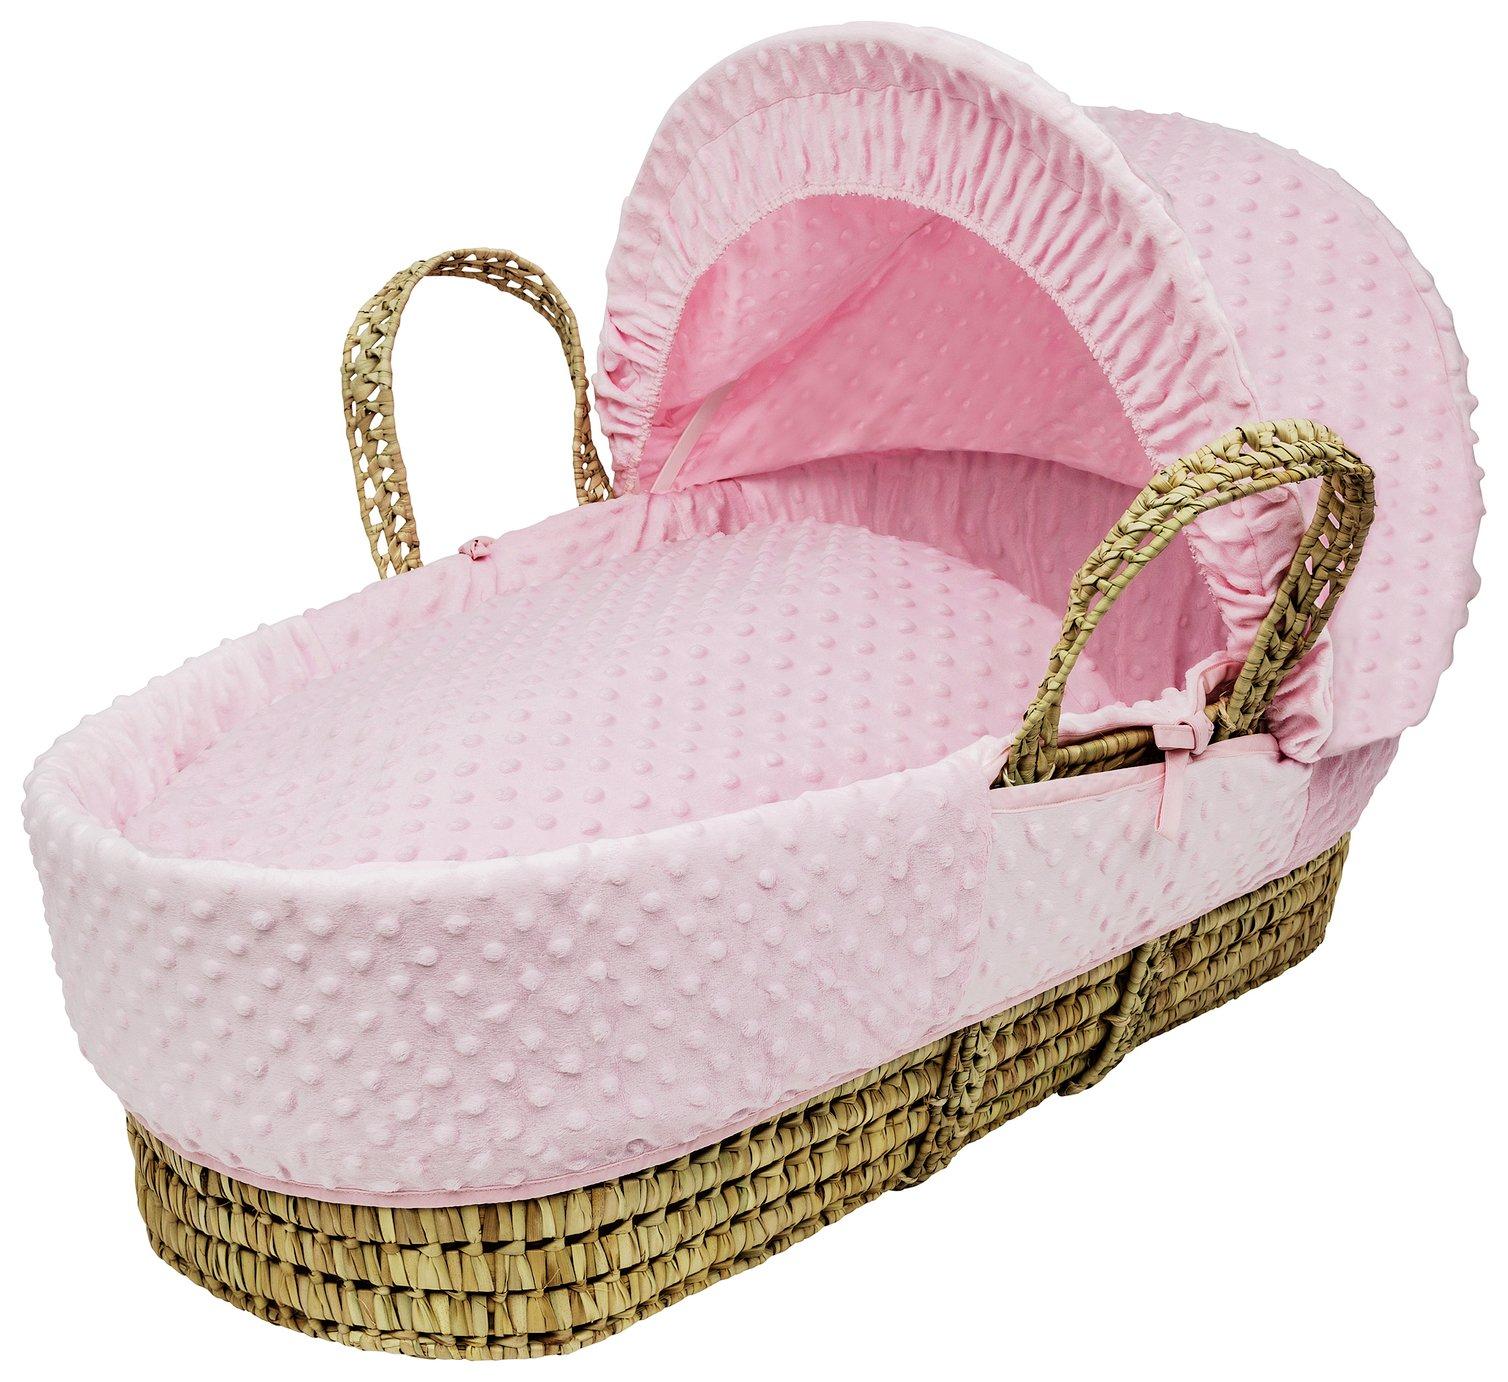 Kinder Valley Pink Dimple Moses Basket